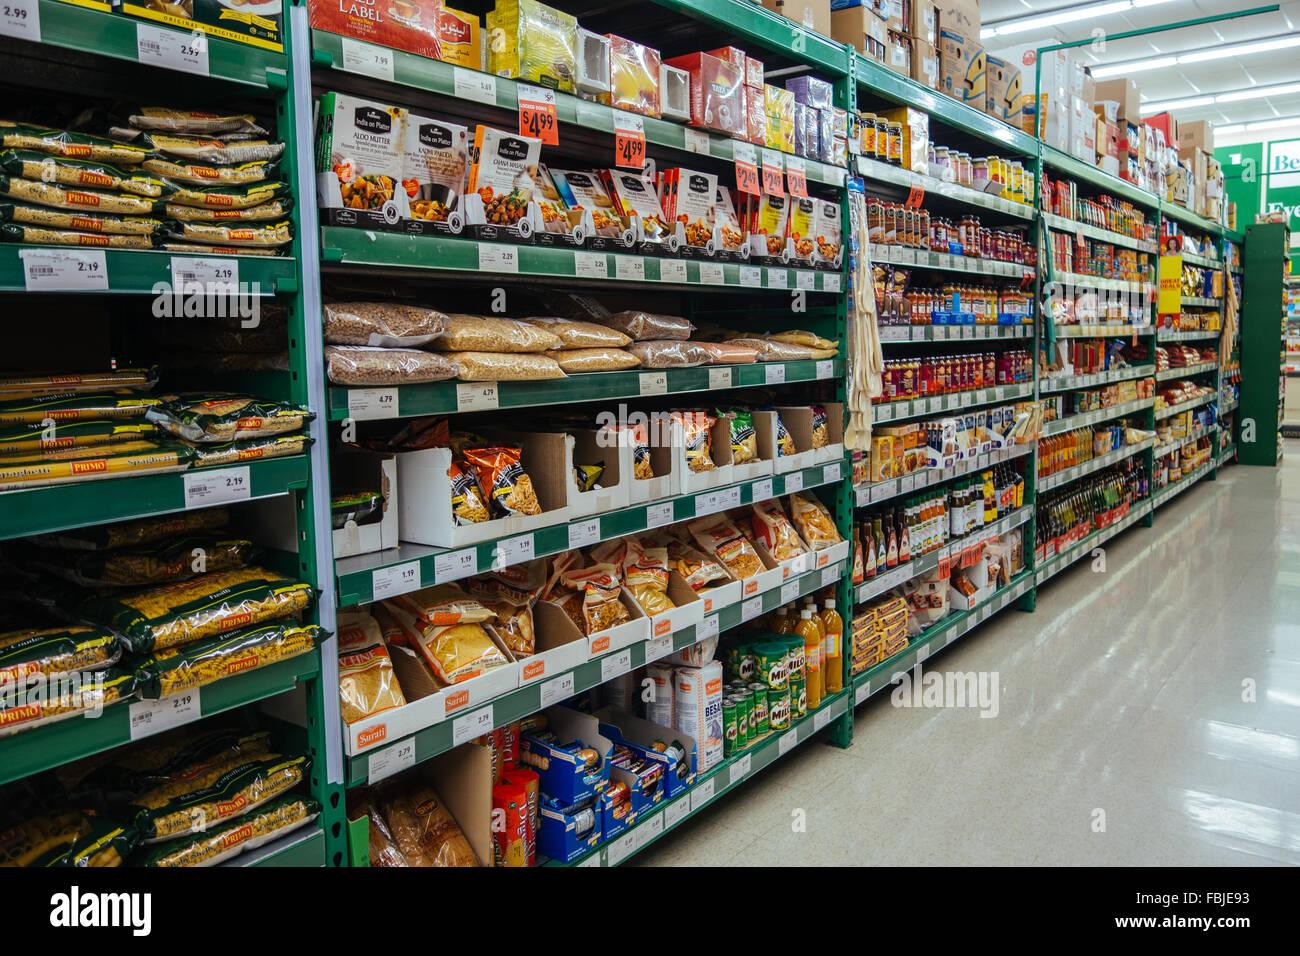 supermarkt regale gang stockfoto bild 93219423 alamy. Black Bedroom Furniture Sets. Home Design Ideas